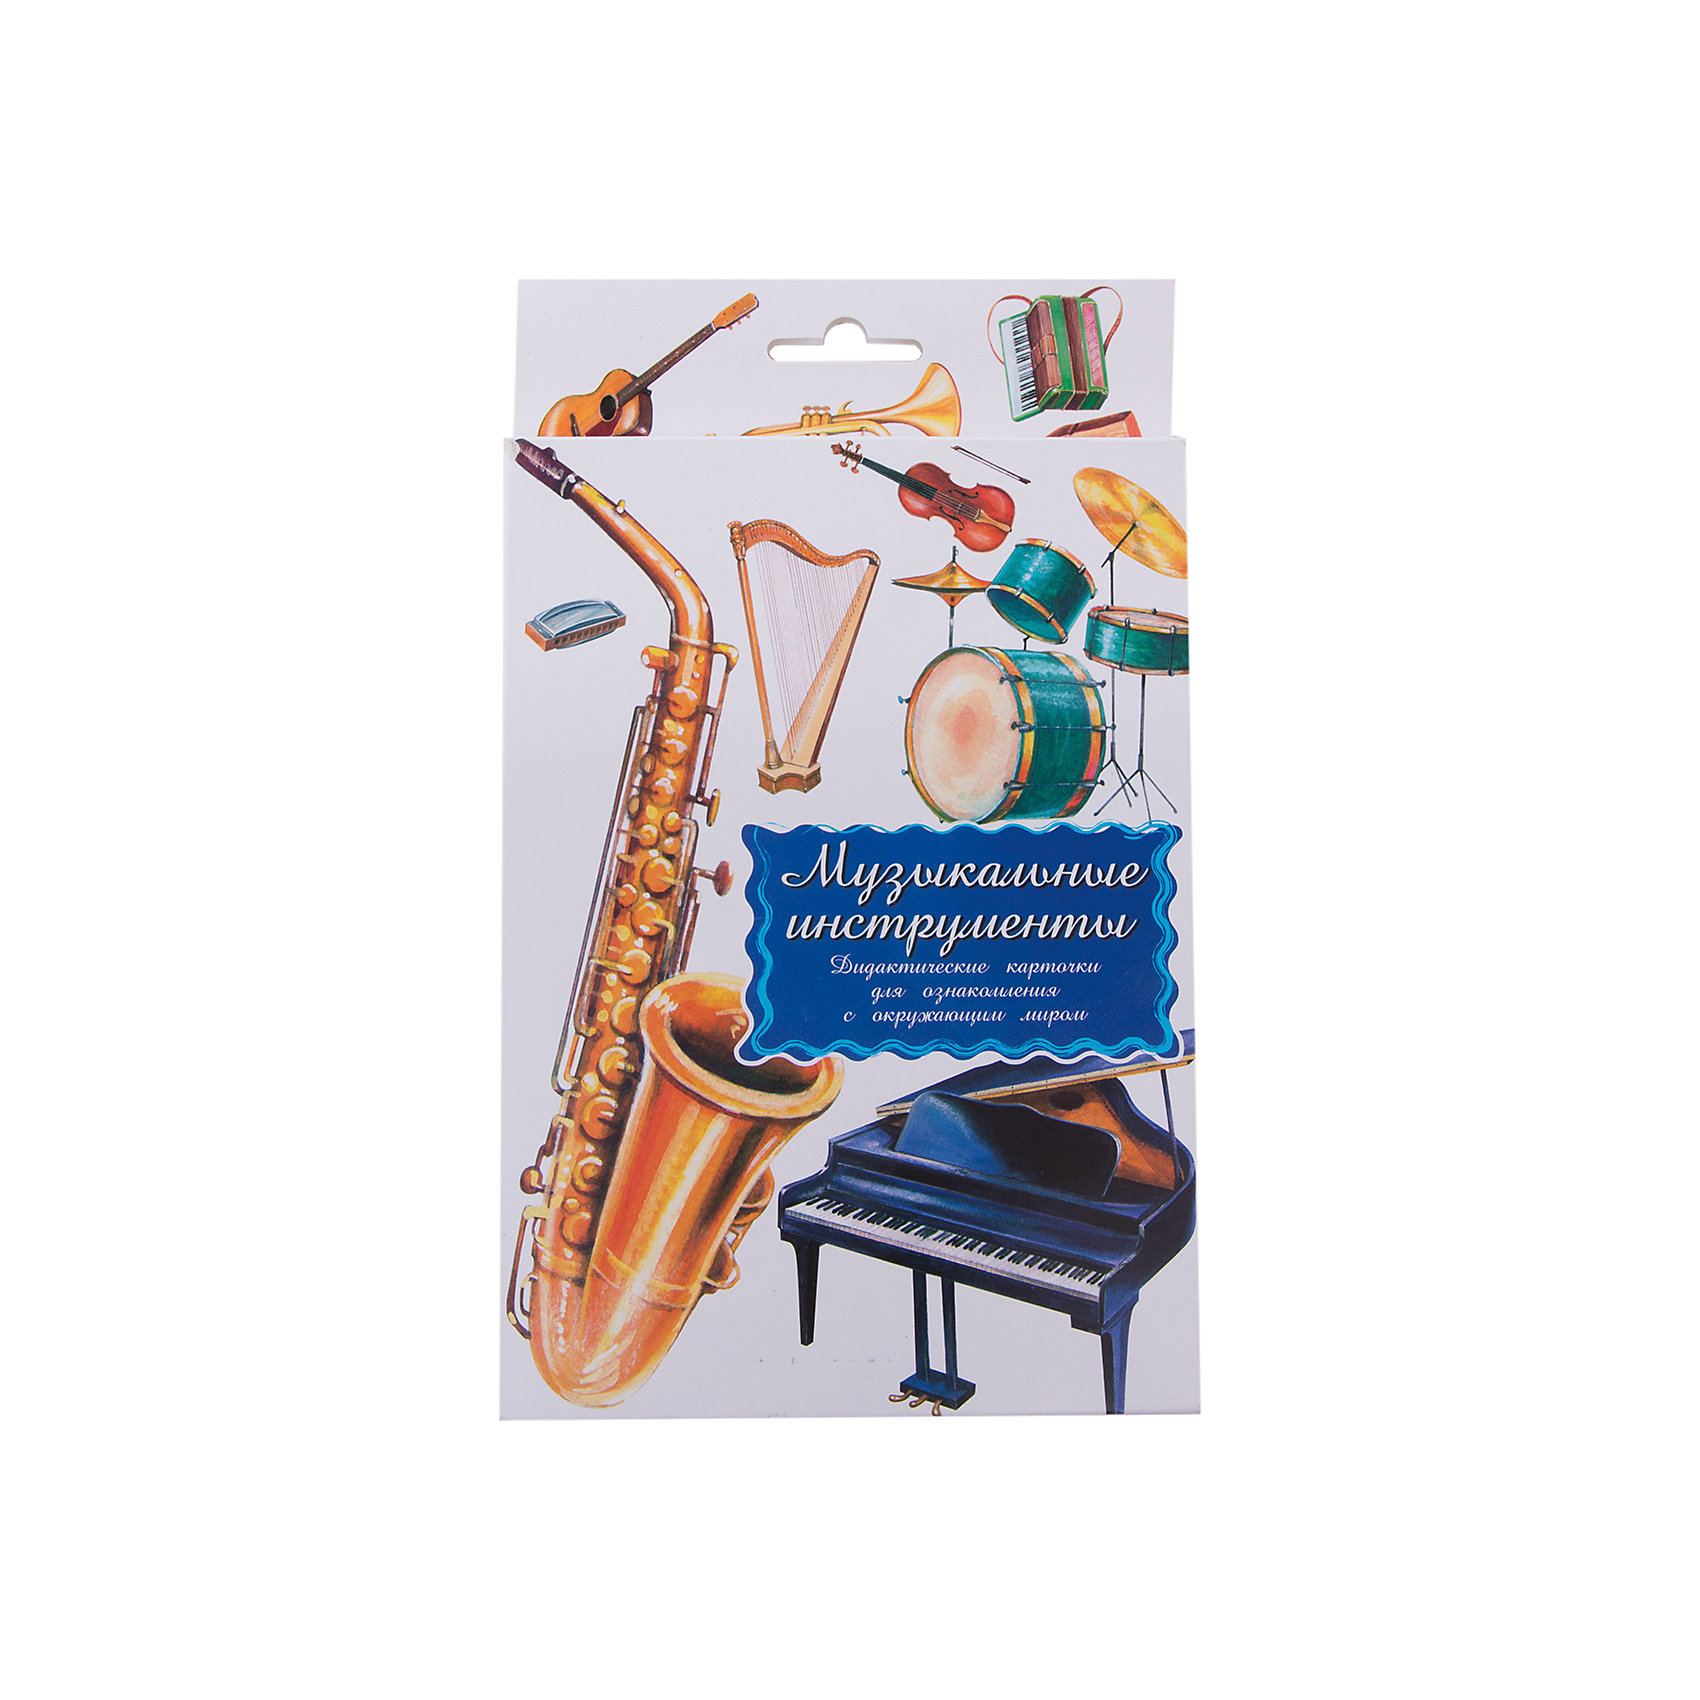 Дидактические карточки Музыкальные инструменты, Маленький генийОбучающие карточки<br>Дидактические карточки Музыкальные инструменты, Маленький гений.<br><br>Характеристики:<br><br>• Художник: Подколзин Евгений<br>• Количество карточек: 16<br>• Размер карточек: 25х15 см.<br>• Материал: картон<br>• Упаковка: картонный блистер с европодвесом<br>• Размер упаковки: 25,2х15,1х1 см.<br><br>Дидактические карточки с крупными яркими картинками познакомят малыша с некоторыми самыми известными музыкальными инструментами: ударной установкой, роялем, аккордеоном, флейтой, арфой, бубном, саксофоном, органом, балалайкой, гитарой, губной гармошкой, гуслями, металлофоном, скрипкой, тромбоном, трубой. Всего в набор входит 16 карточек. На одной стороне каждой карточки изображен инструмент, а на обратной стороне дано его описание: к какой группе инструментов он относится, история создания, устройство, применение. <br><br>Совсем маленькому ребенку можно просто показывать карточки и называть инструменты. Когда он запомнит их можно просить его найти карточку с тем или иным музыкальным инструментом или назвать инструмент, который вы ему показываете. Можно сортировать инструменты, например, на духовые, клавишные, струнные и ударные. <br><br>Если ребенок учится читать, можно отрезать названия и, перемешав, предложить ребенку подобрать картинки к названиям. С карточками можно организовать и множество игр на развитие внимания, логического мышления и памяти. Игра «Четвертый лишний»: из четырех карточек, одна из которых отличается от трех других, ребенок должен выбрать лишнюю и объяснить свой выбор. Можно по очереди с ребенком отвечать на вопрос «Какой?» относительно каждой карточки, стараясь дать больше ответов. <br><br>Разглядывая карточки, играя с ними, ваш малыш не только обогатит свой багаж знаний об окружающем мире, но и научится составлять предложения, беседовать по картинкам, классифицировать и систематизировать предметы. Карточки рекомендуются родителям, логопедами, психологами, воспитат